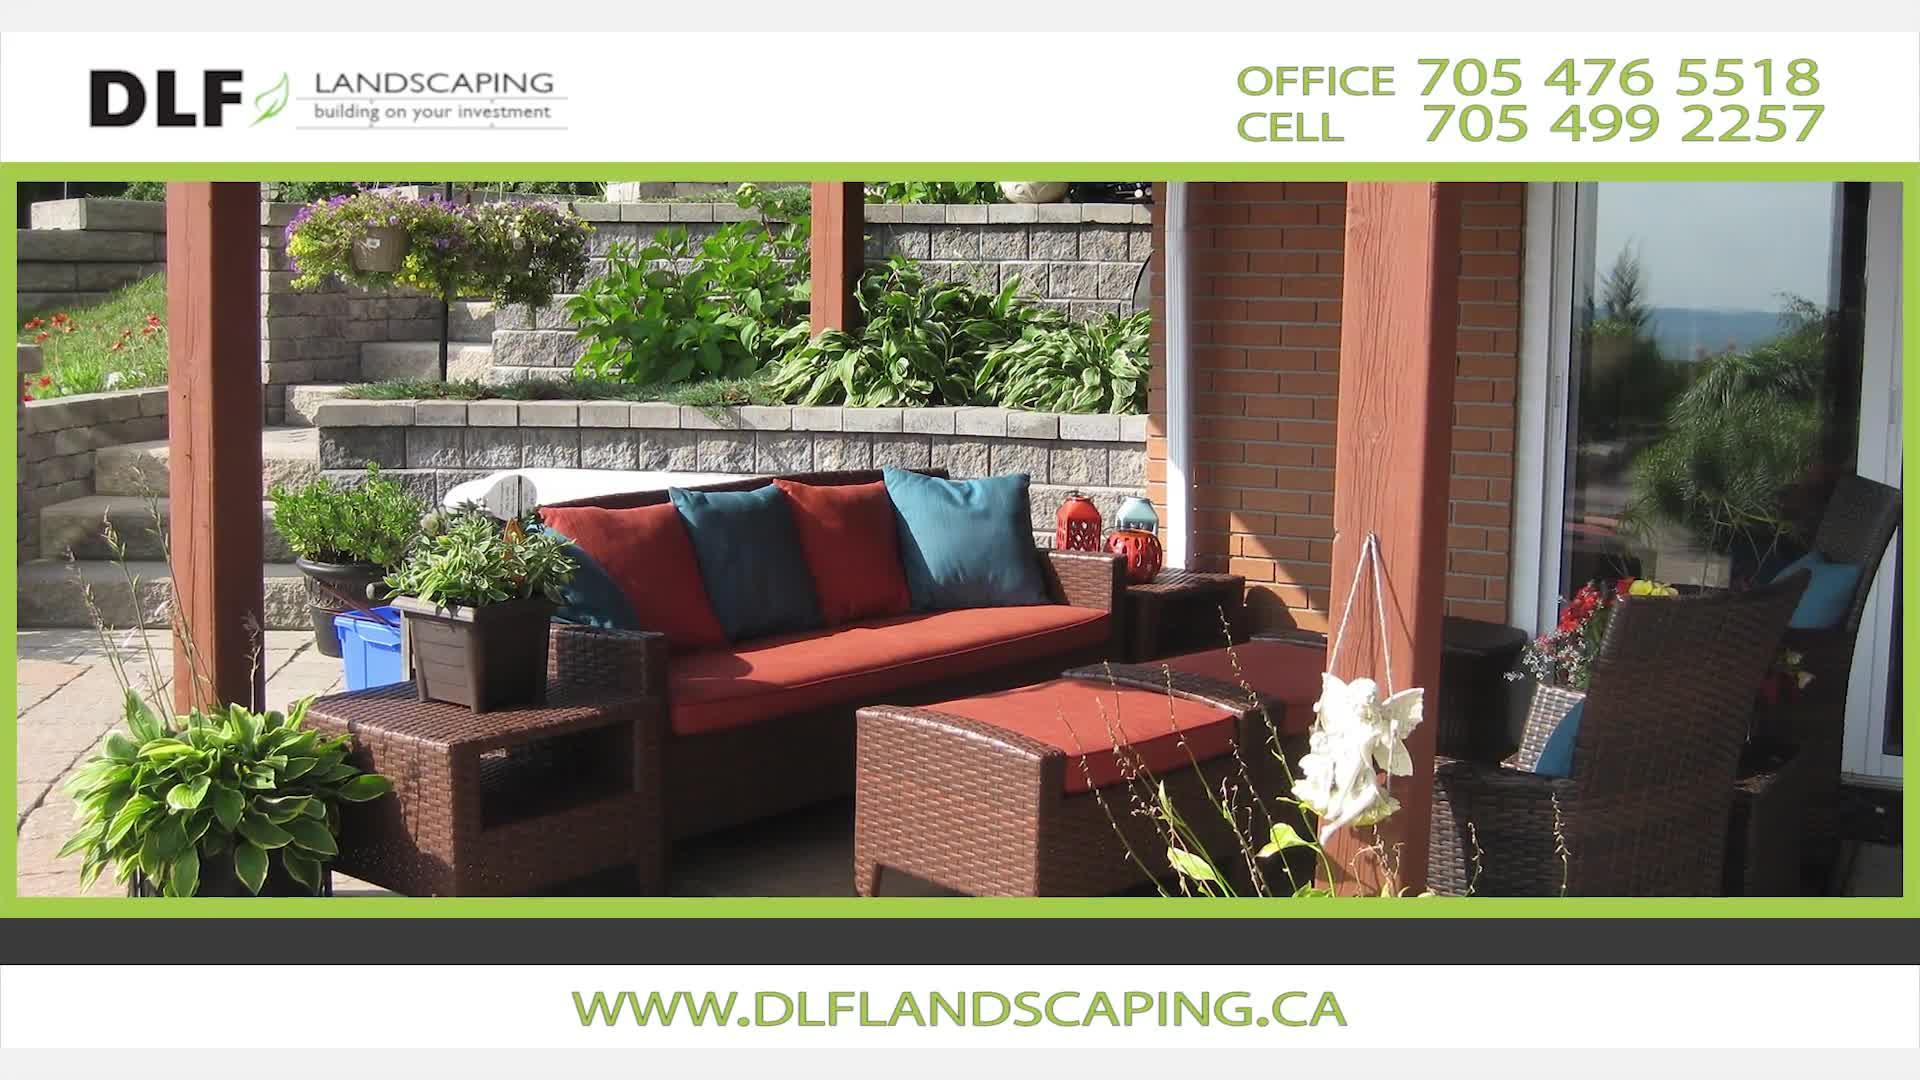 DLF Landscaping - Landscape Contractors & Designers - 705-476-5518